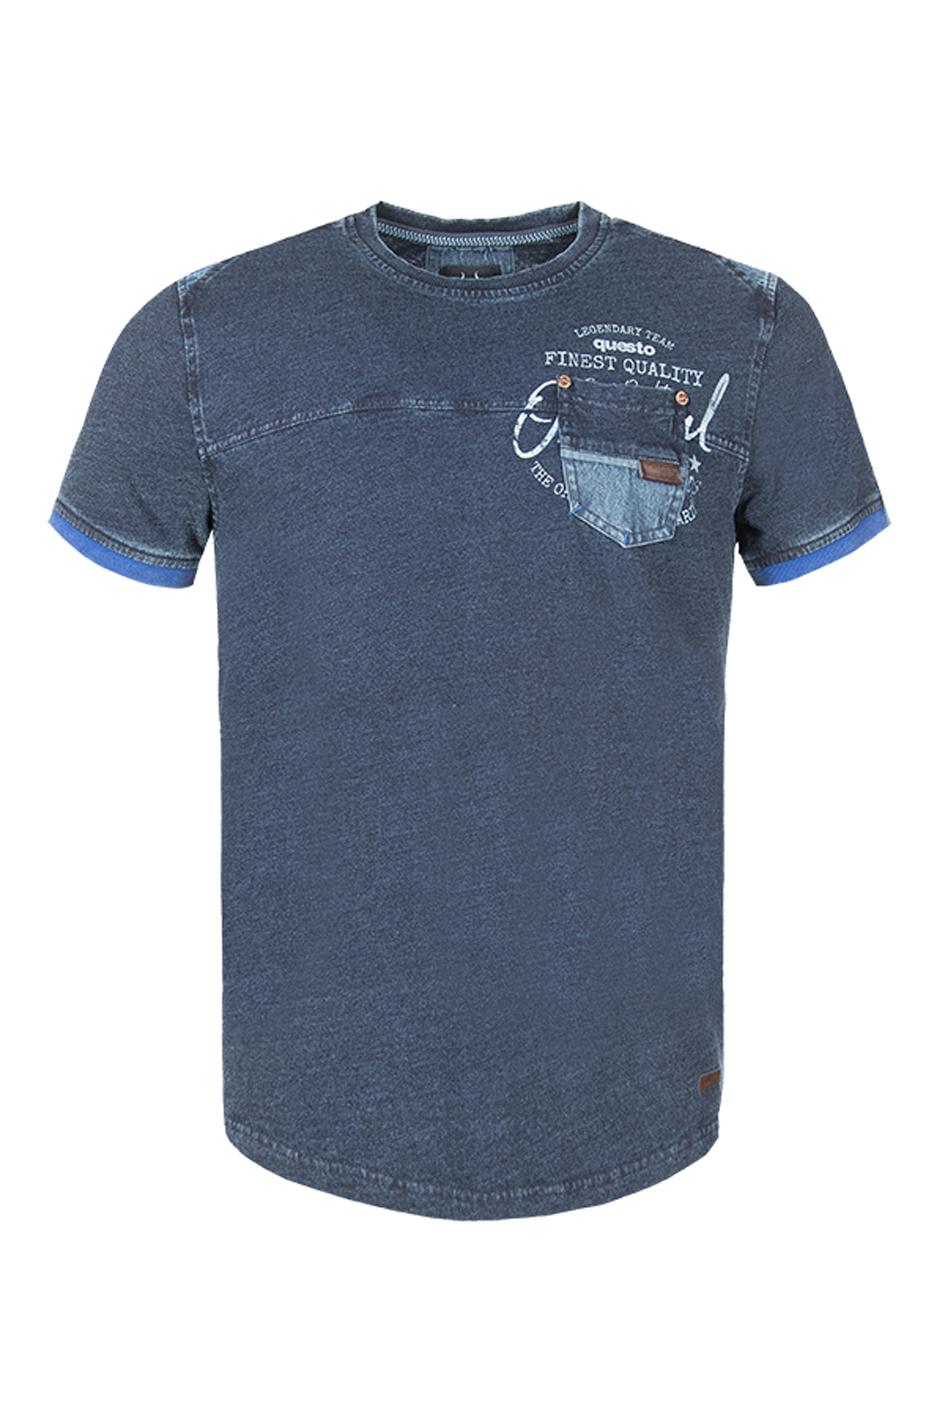 Questo Shirt Alessio